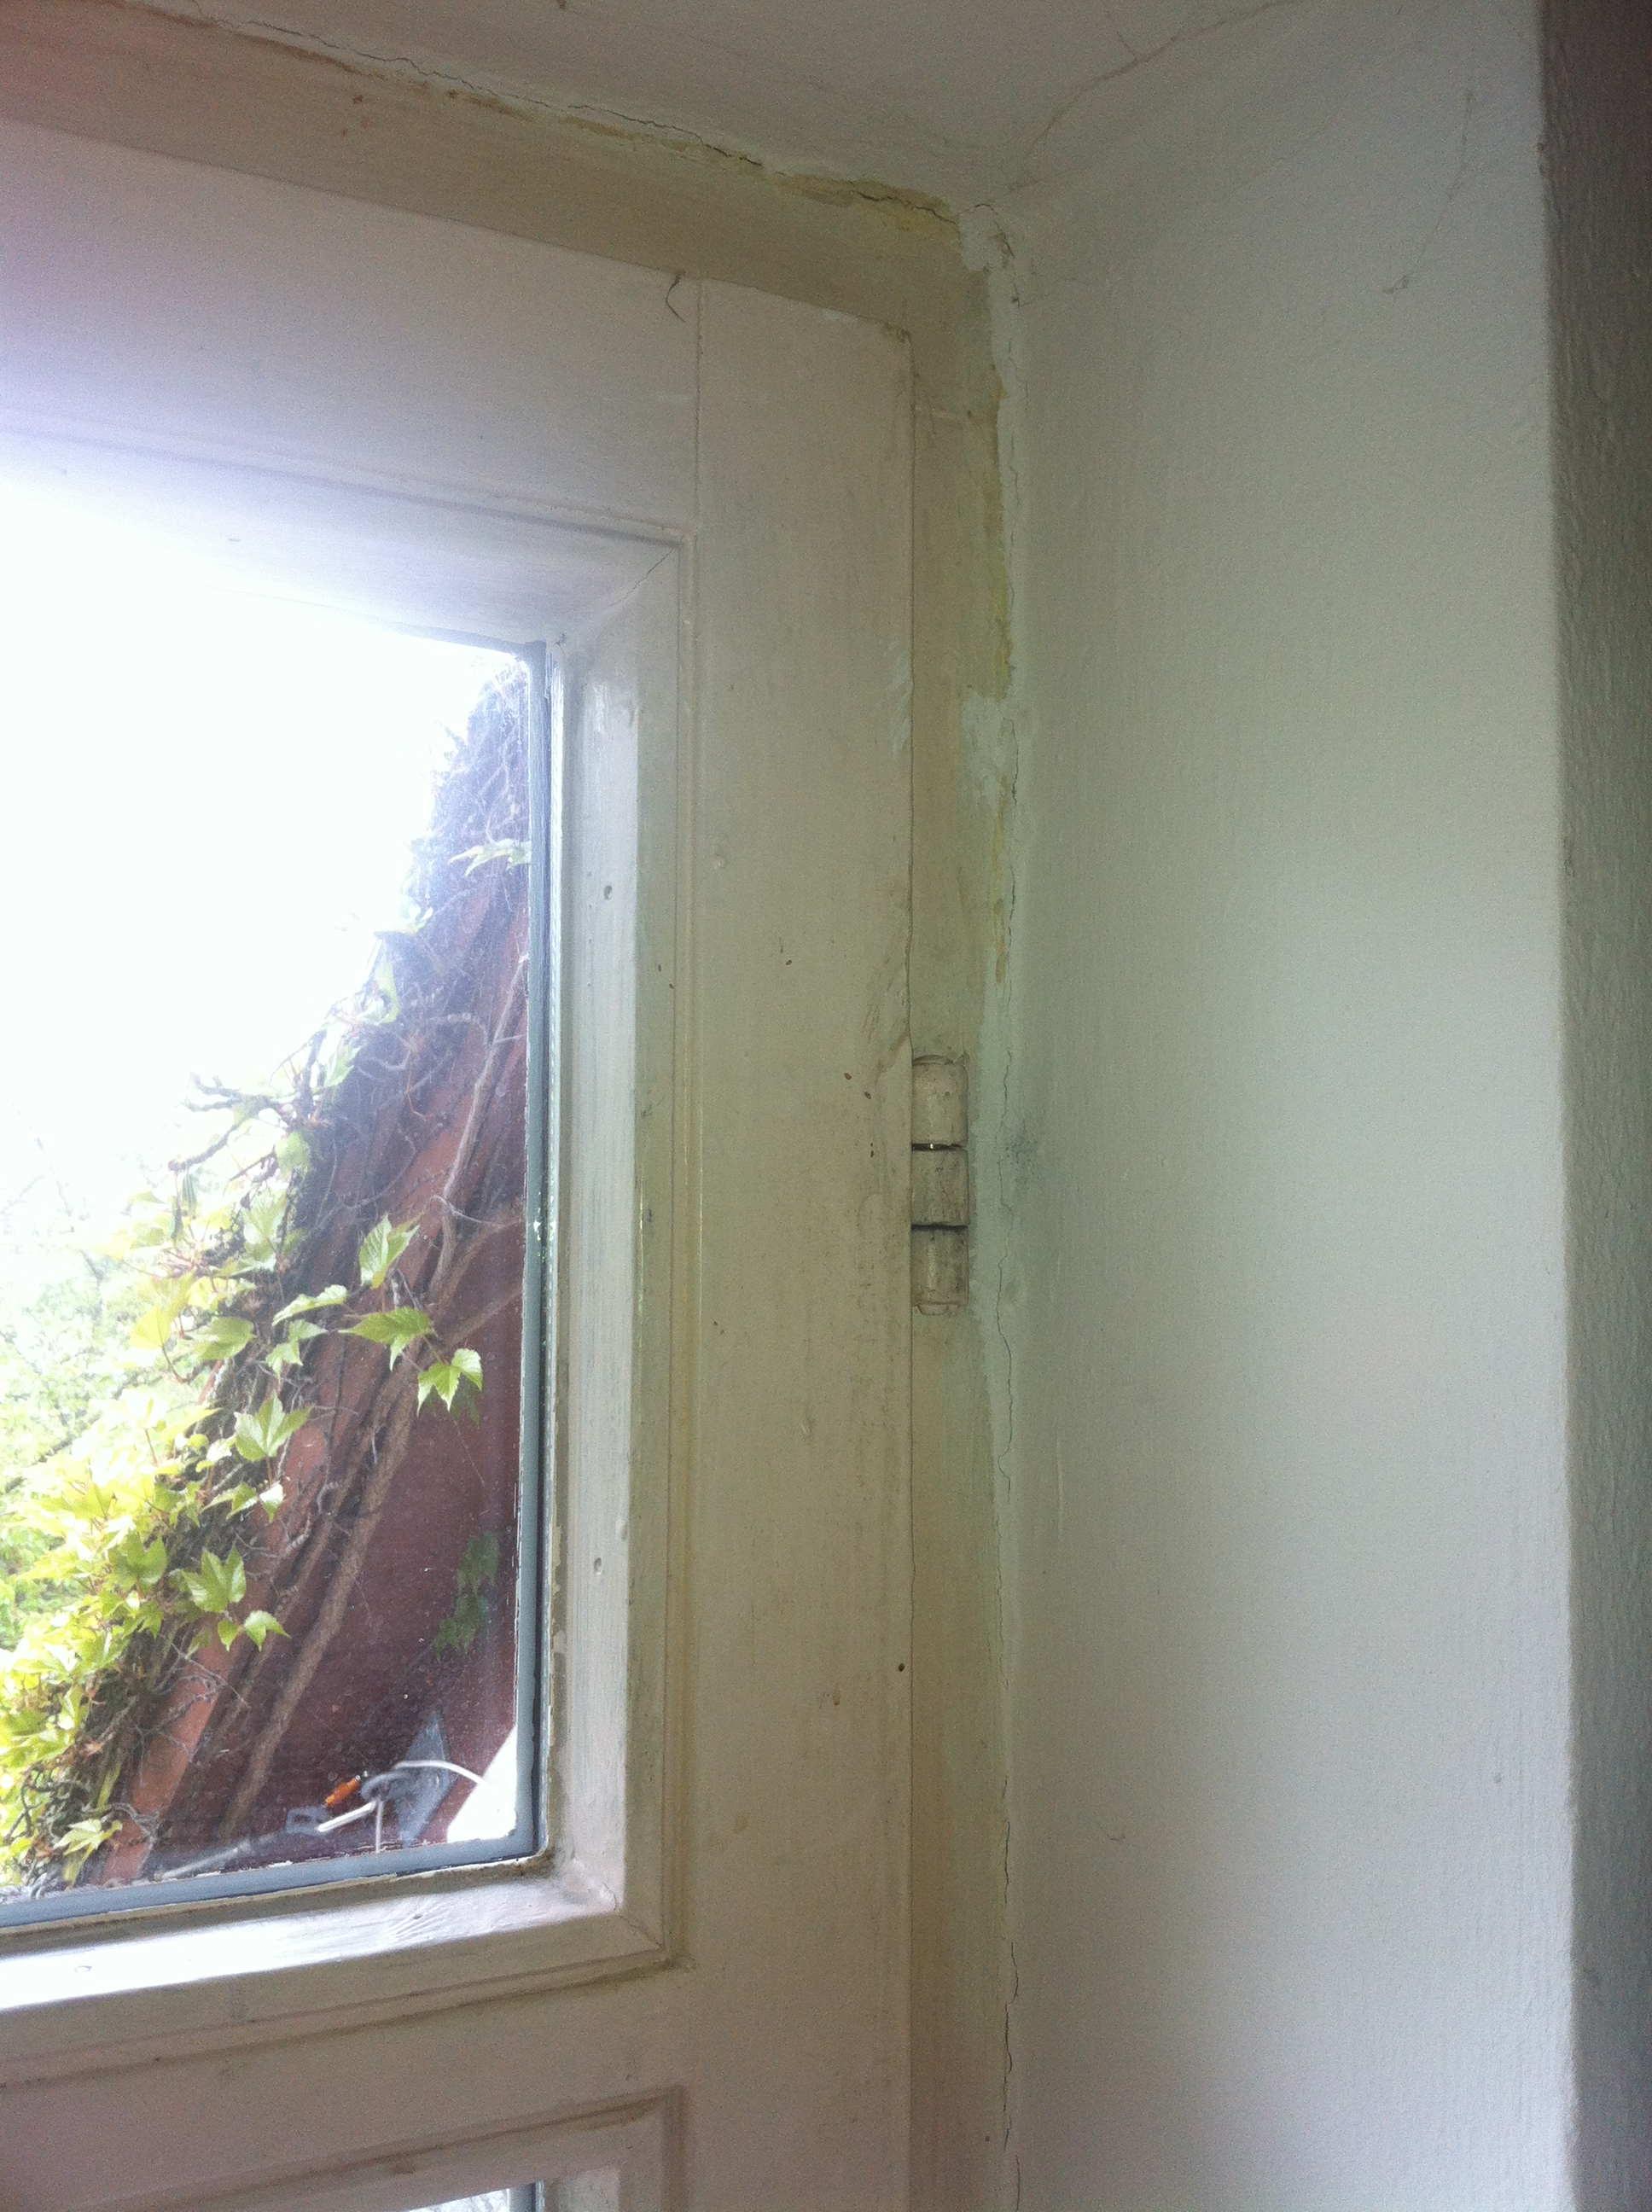 balkontür hat sich gesetzt - wie entferne ich die scharnierbolzen